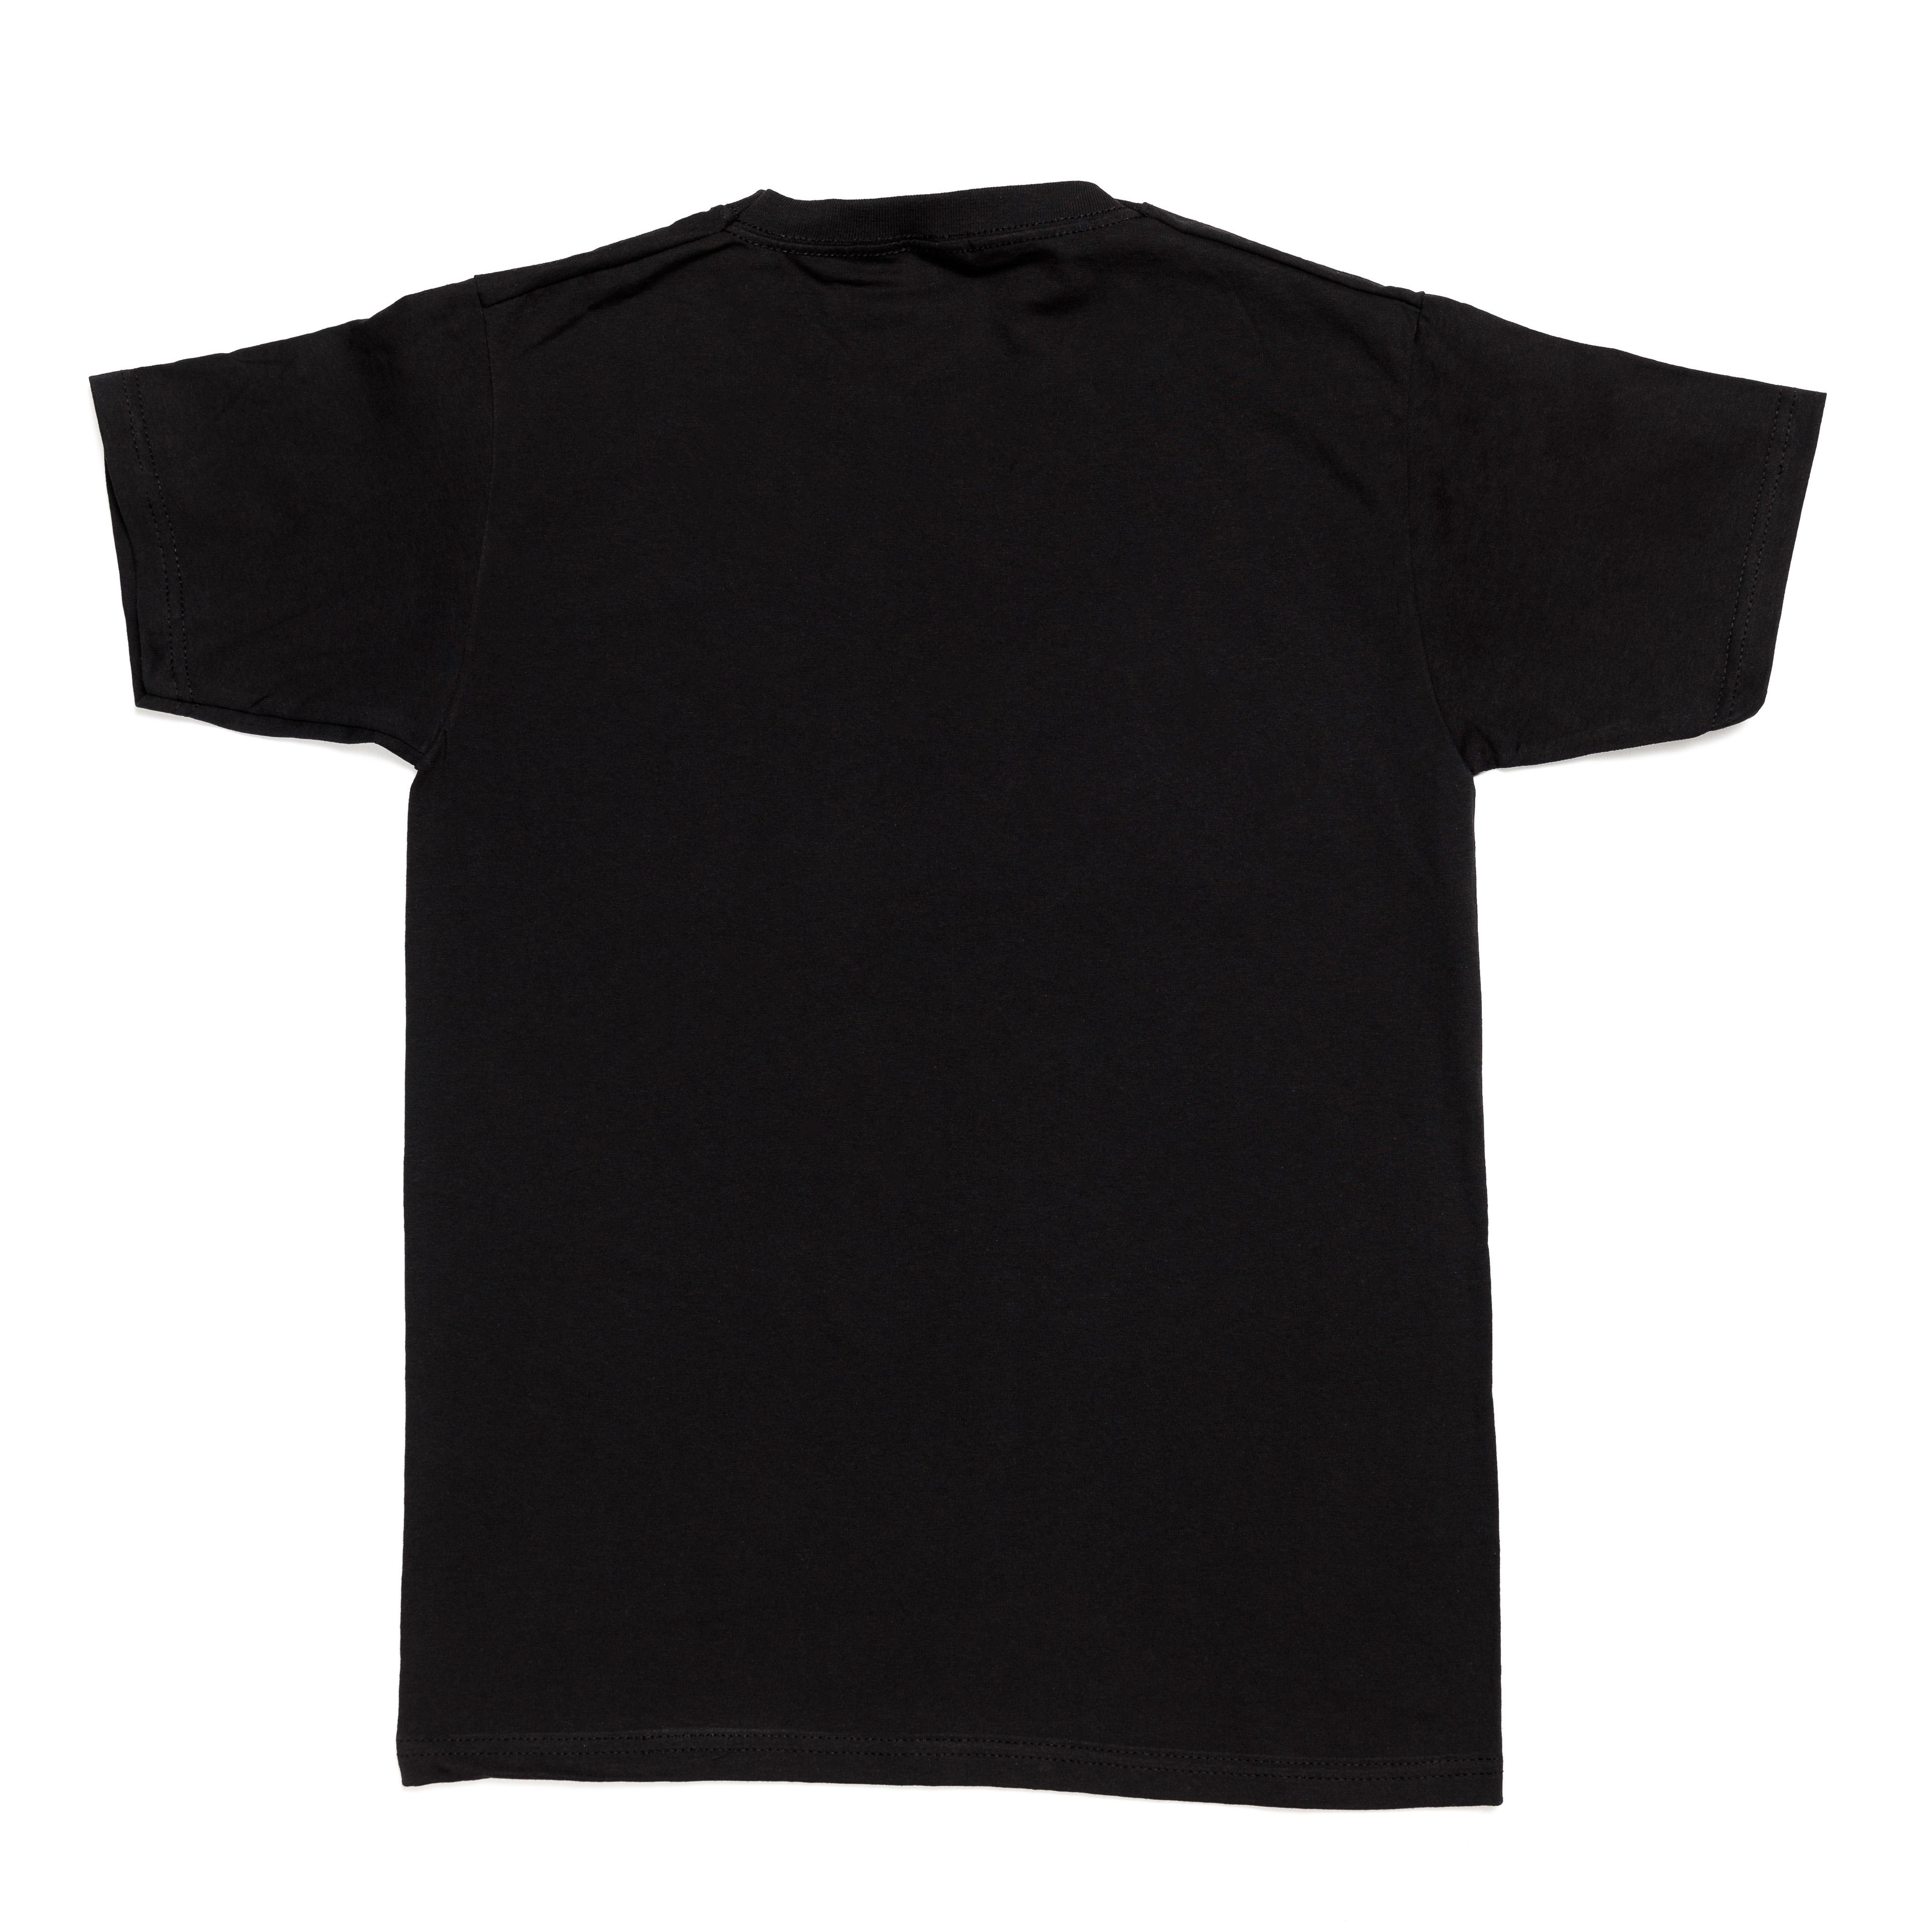 Ripot.lv T-shirt